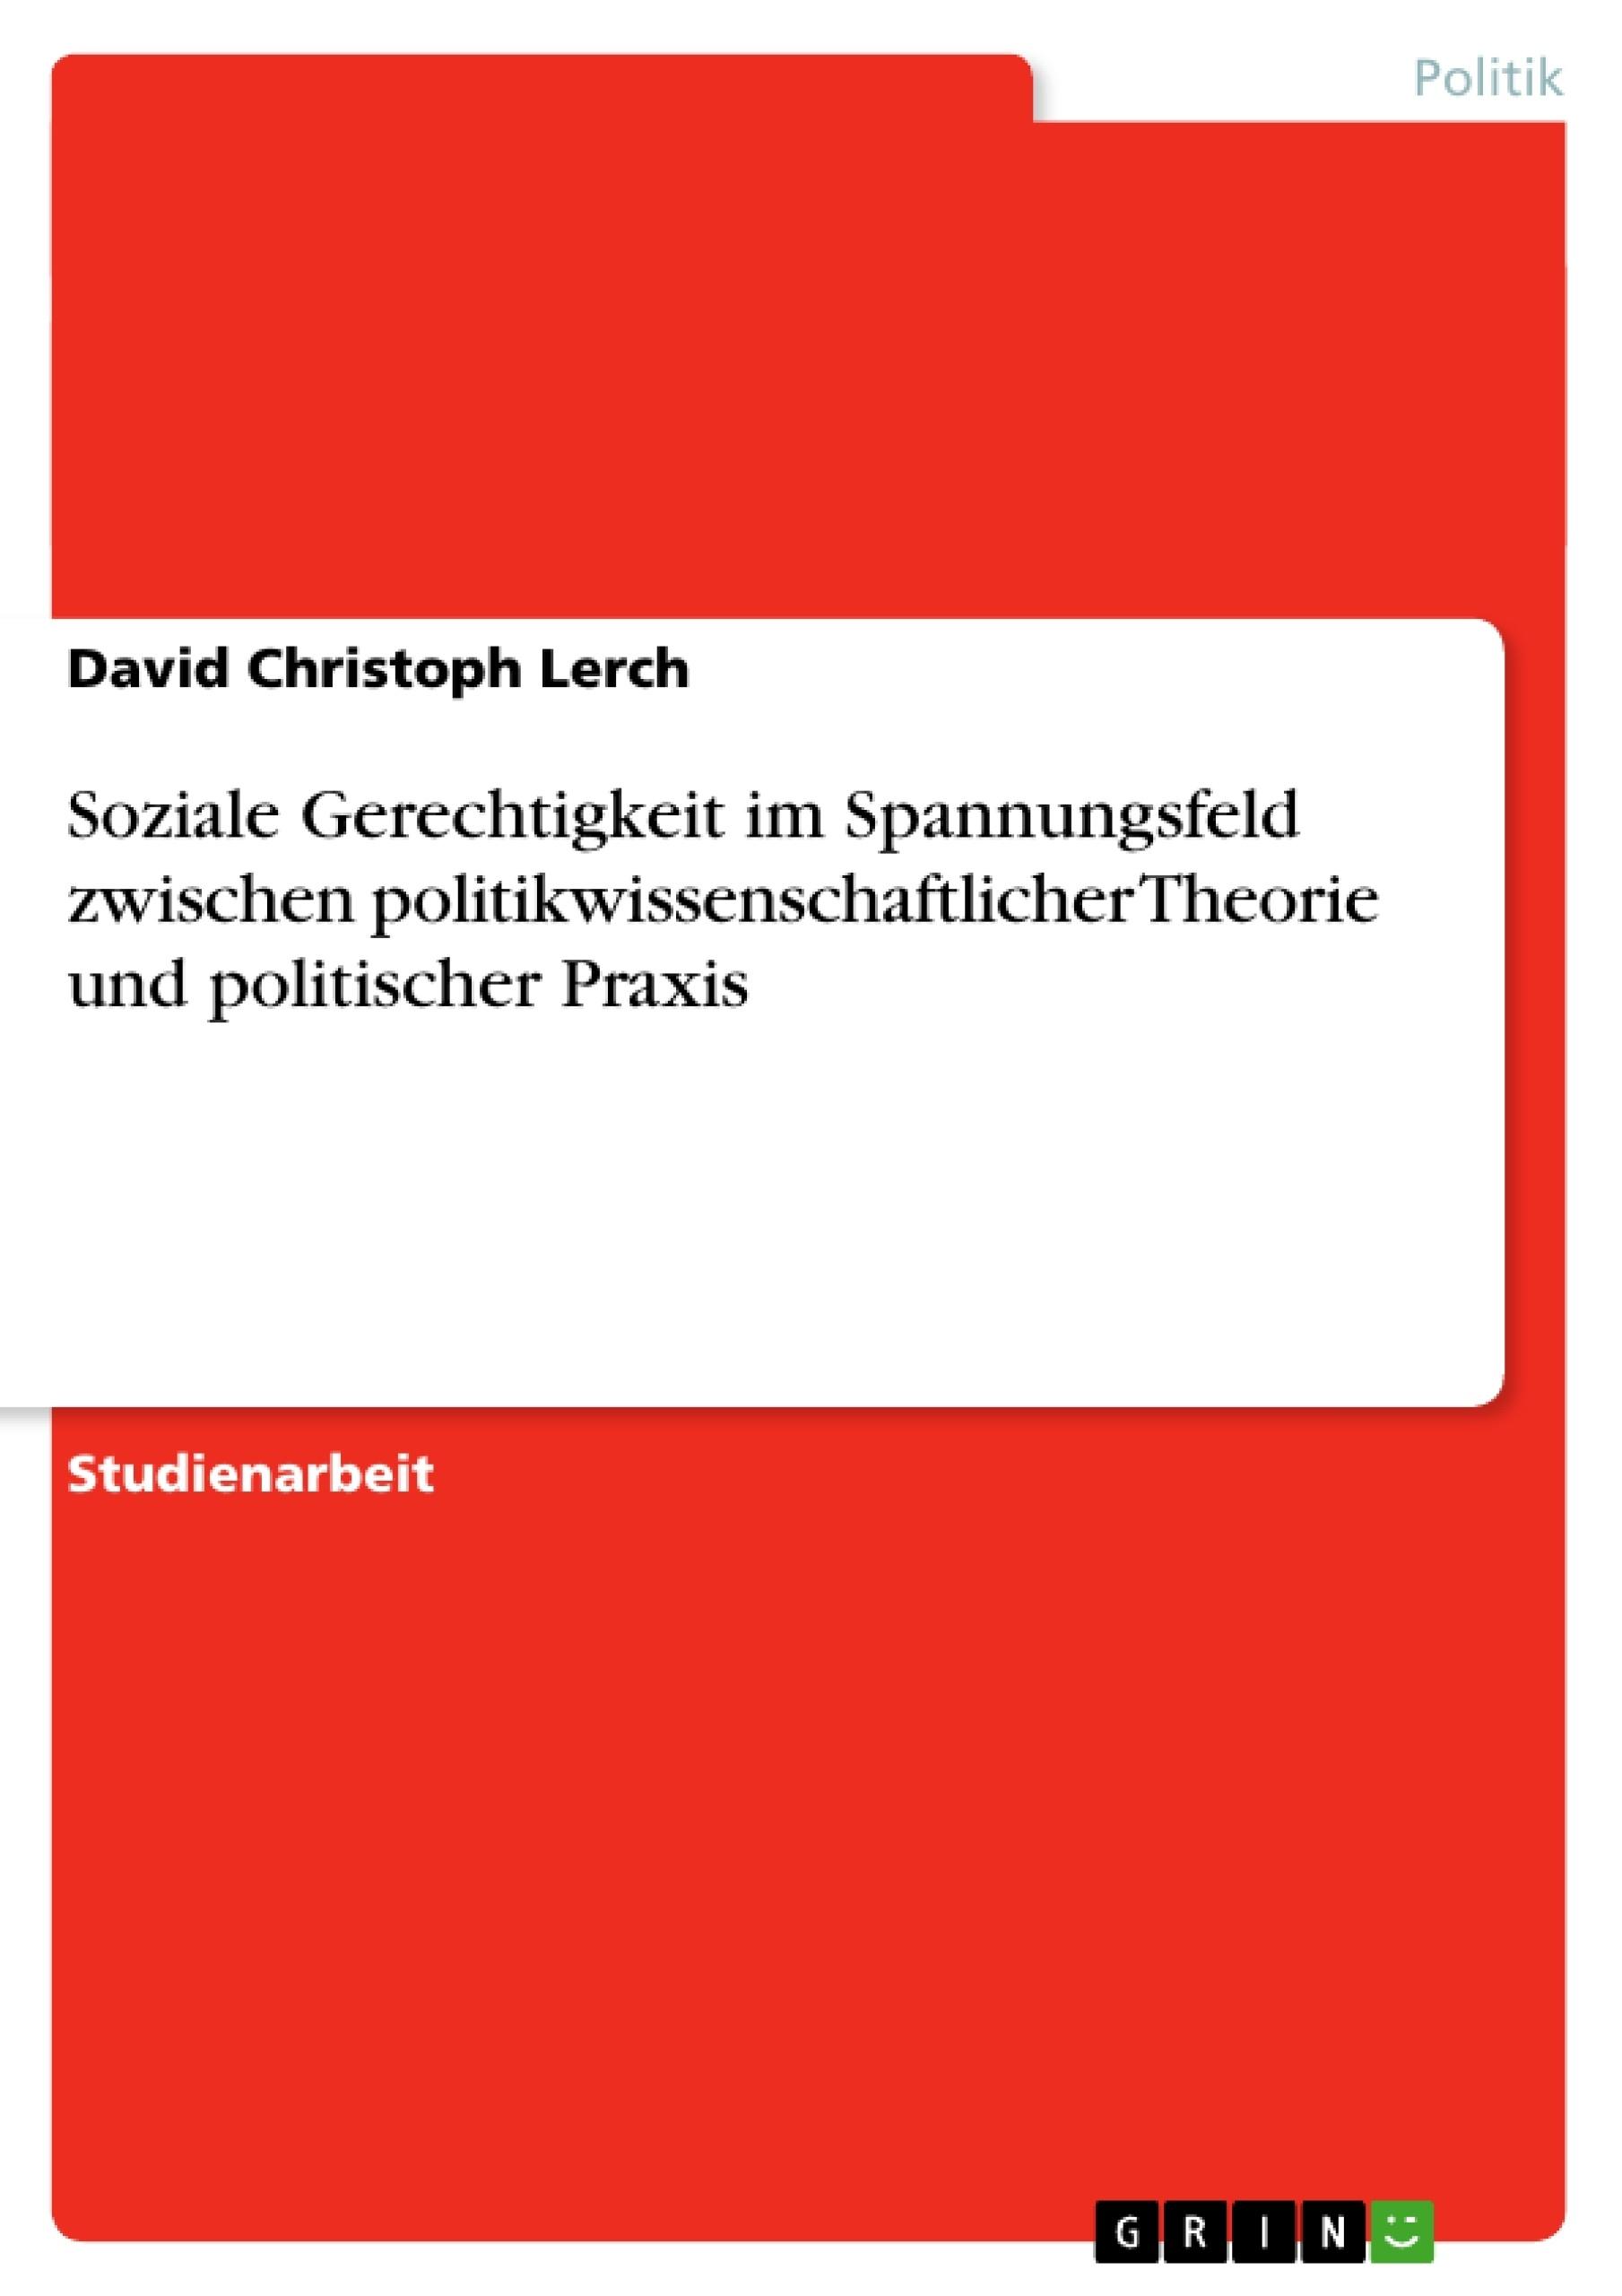 Titel: Soziale Gerechtigkeit im Spannungsfeld zwischen politikwissenschaftlicher Theorie und politischer Praxis